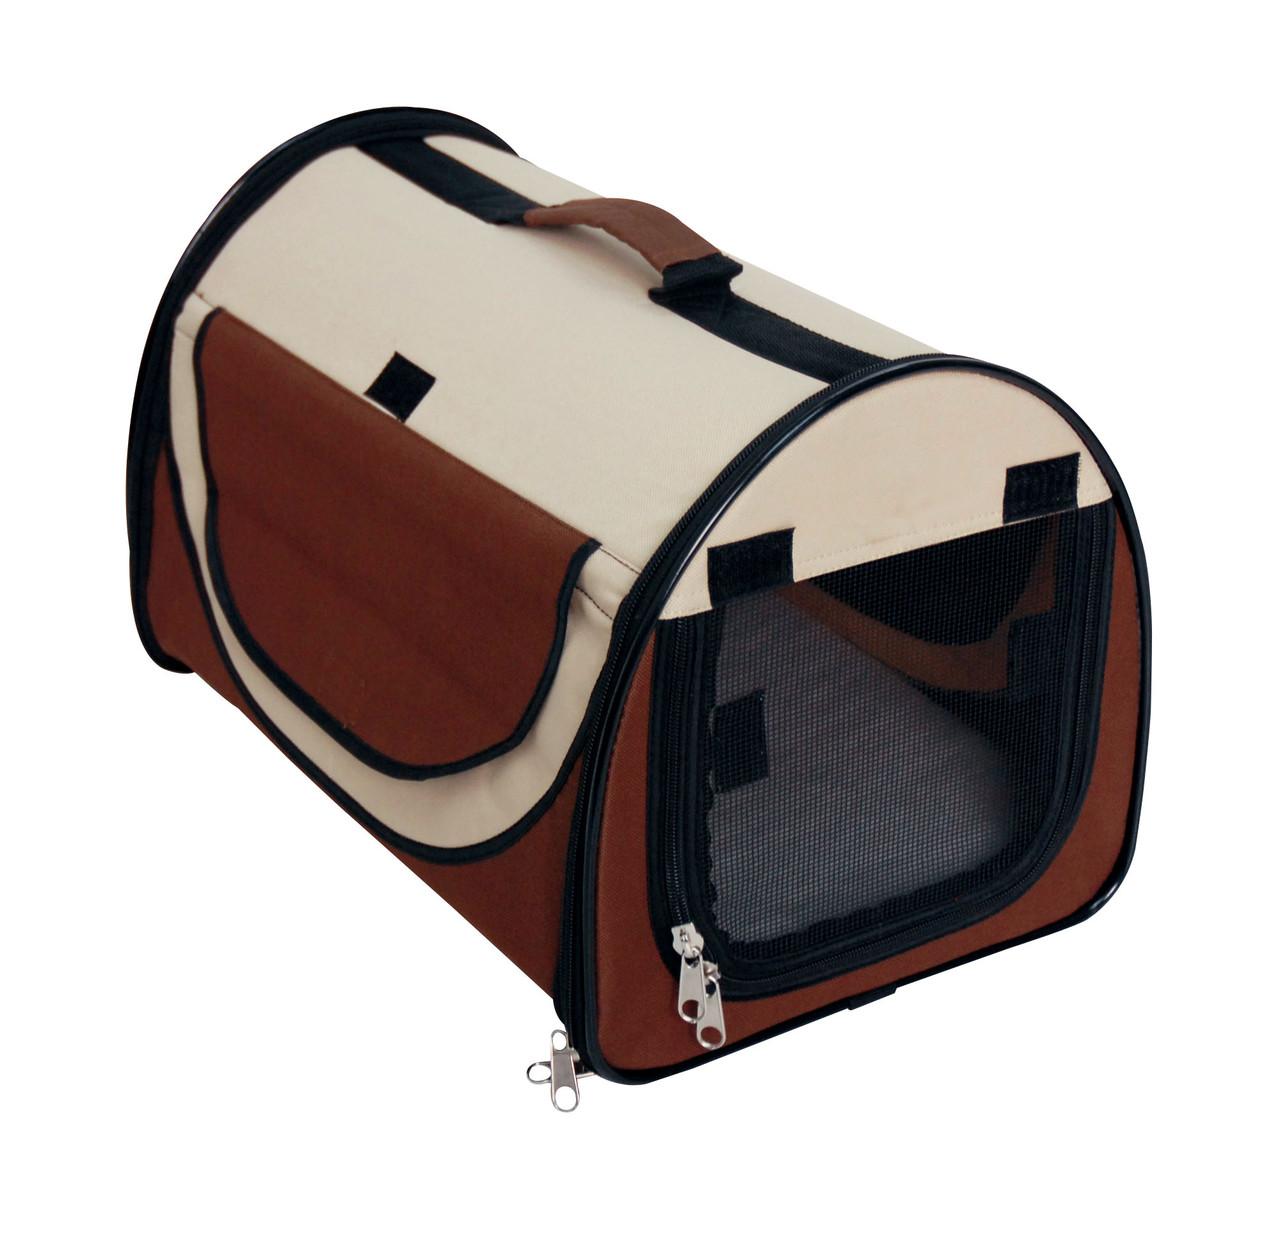 Сумка-палатка  для животного Fast&Easy,  удобно для выставок, корчневый/беж, 65x49x50см